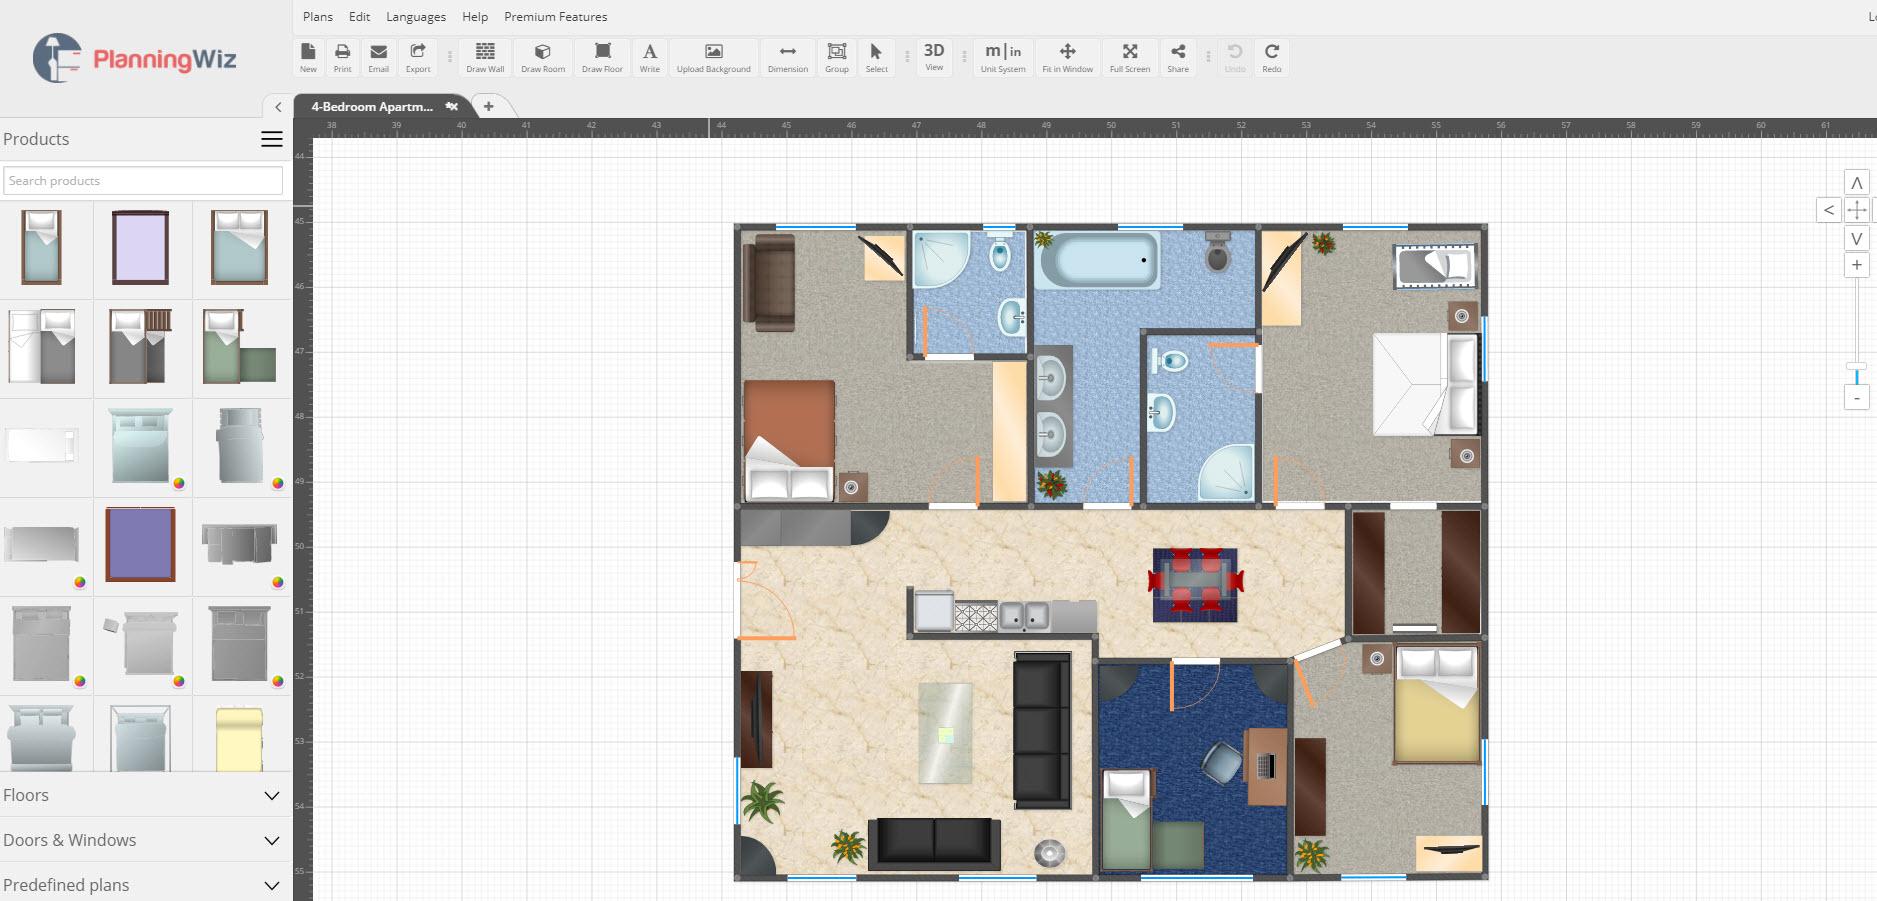 Aplicaciones de dise o de planos de casas y decoraci n de for Mejores apps de diseno de interiores